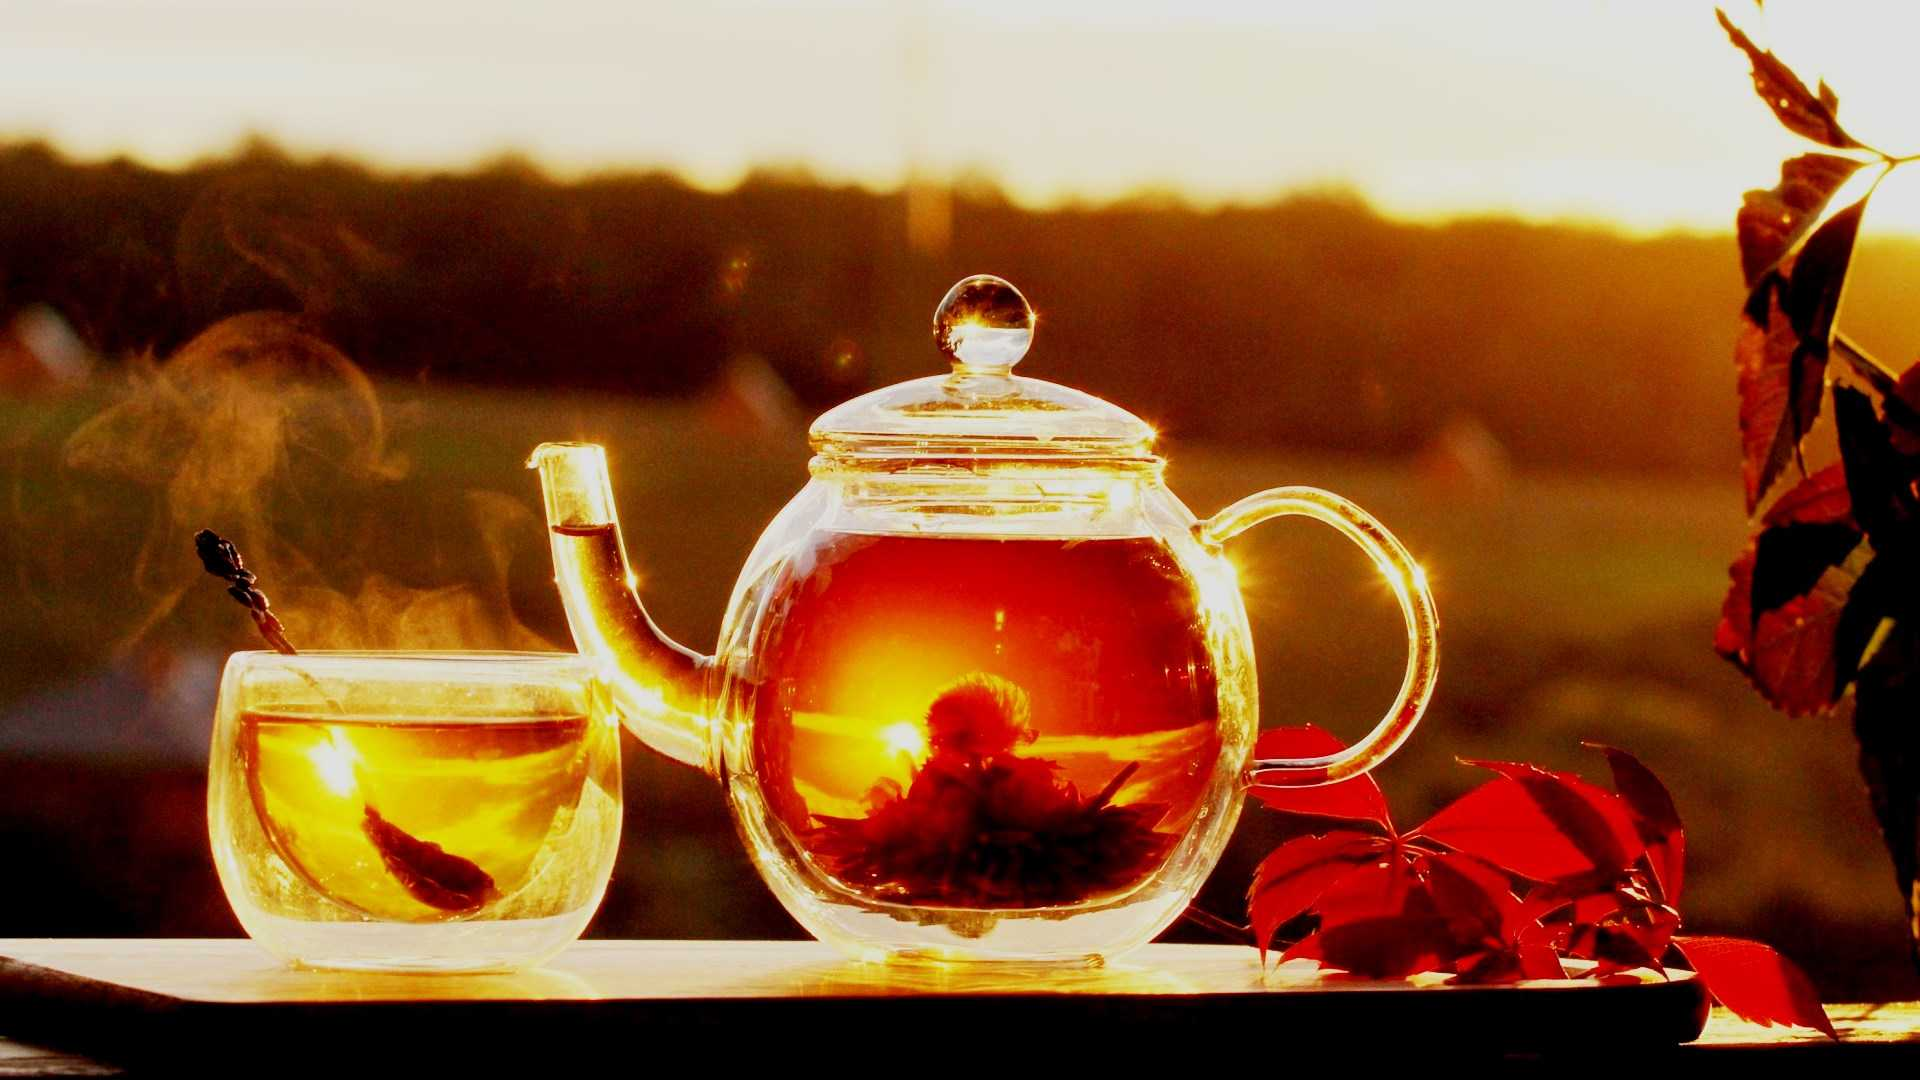 У катехинов зеленого чая обнаружили «парадоксальную» пользу